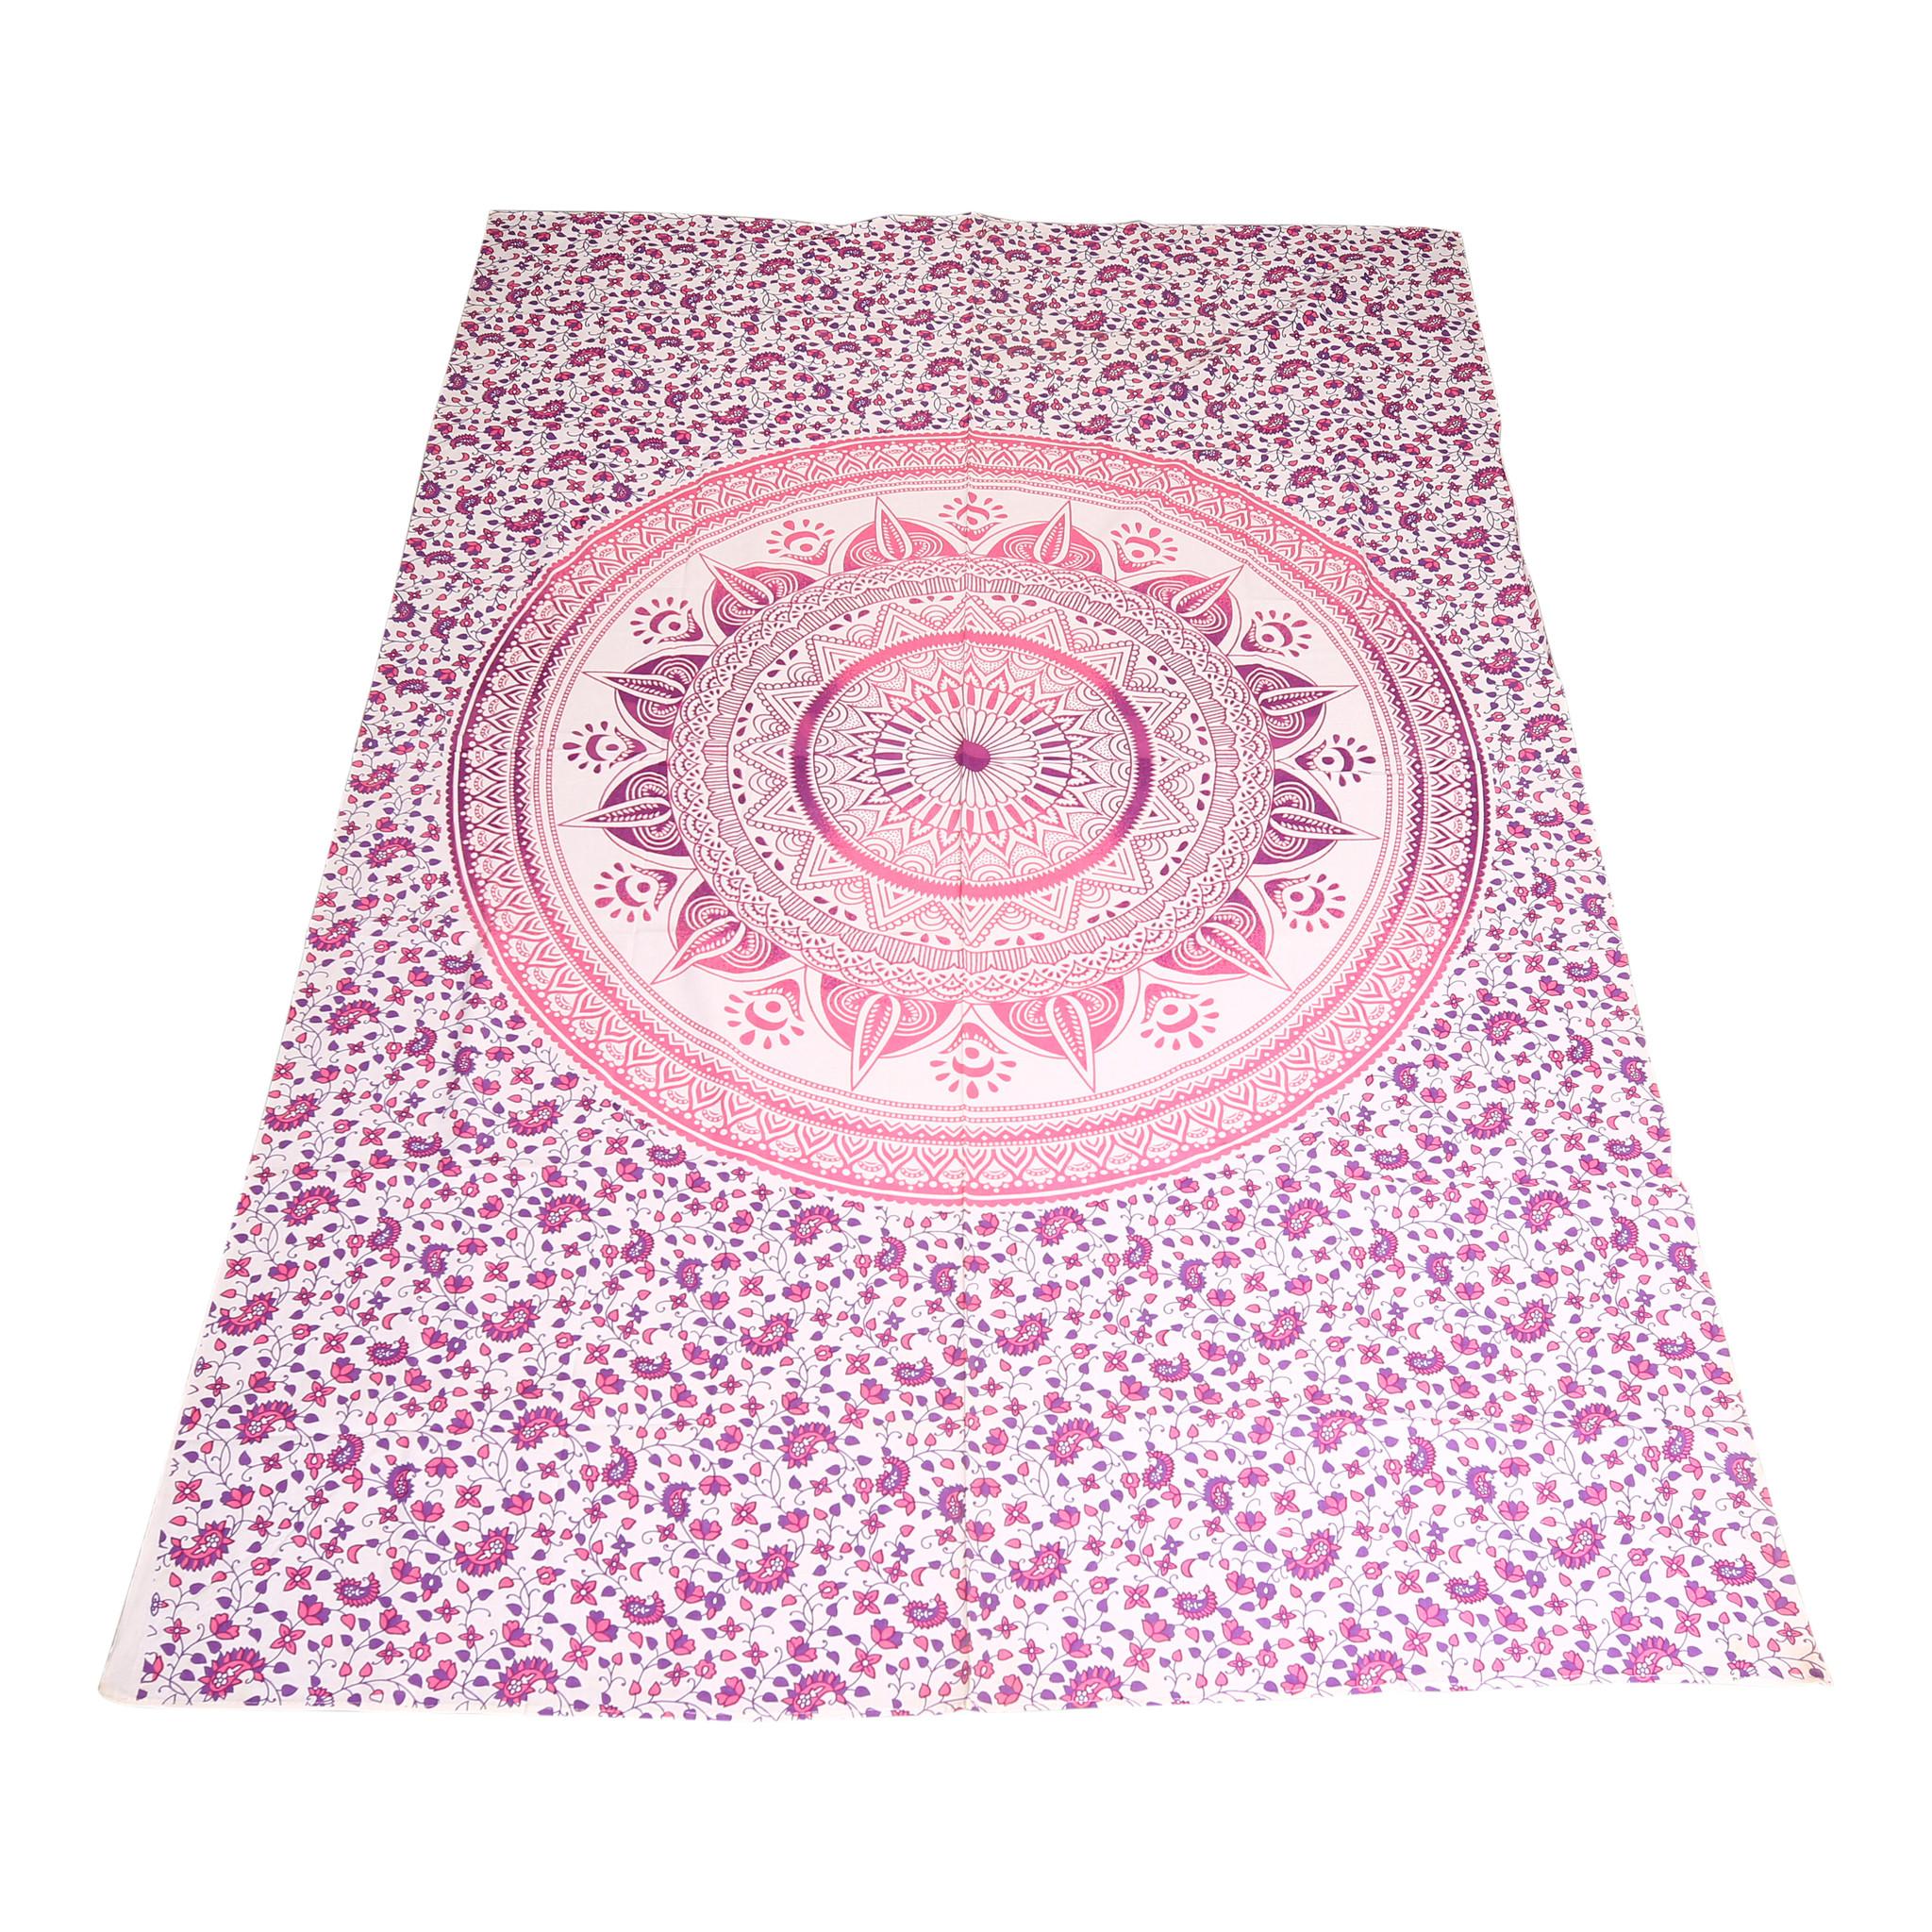 Myroundie Myroundie – roundie  - rechthoekig strandlaken – strandkleed - yoga kleed - picknickkleed - speelkleed - muurkleed - 100% katoen  - 140 x 210 cm - 804